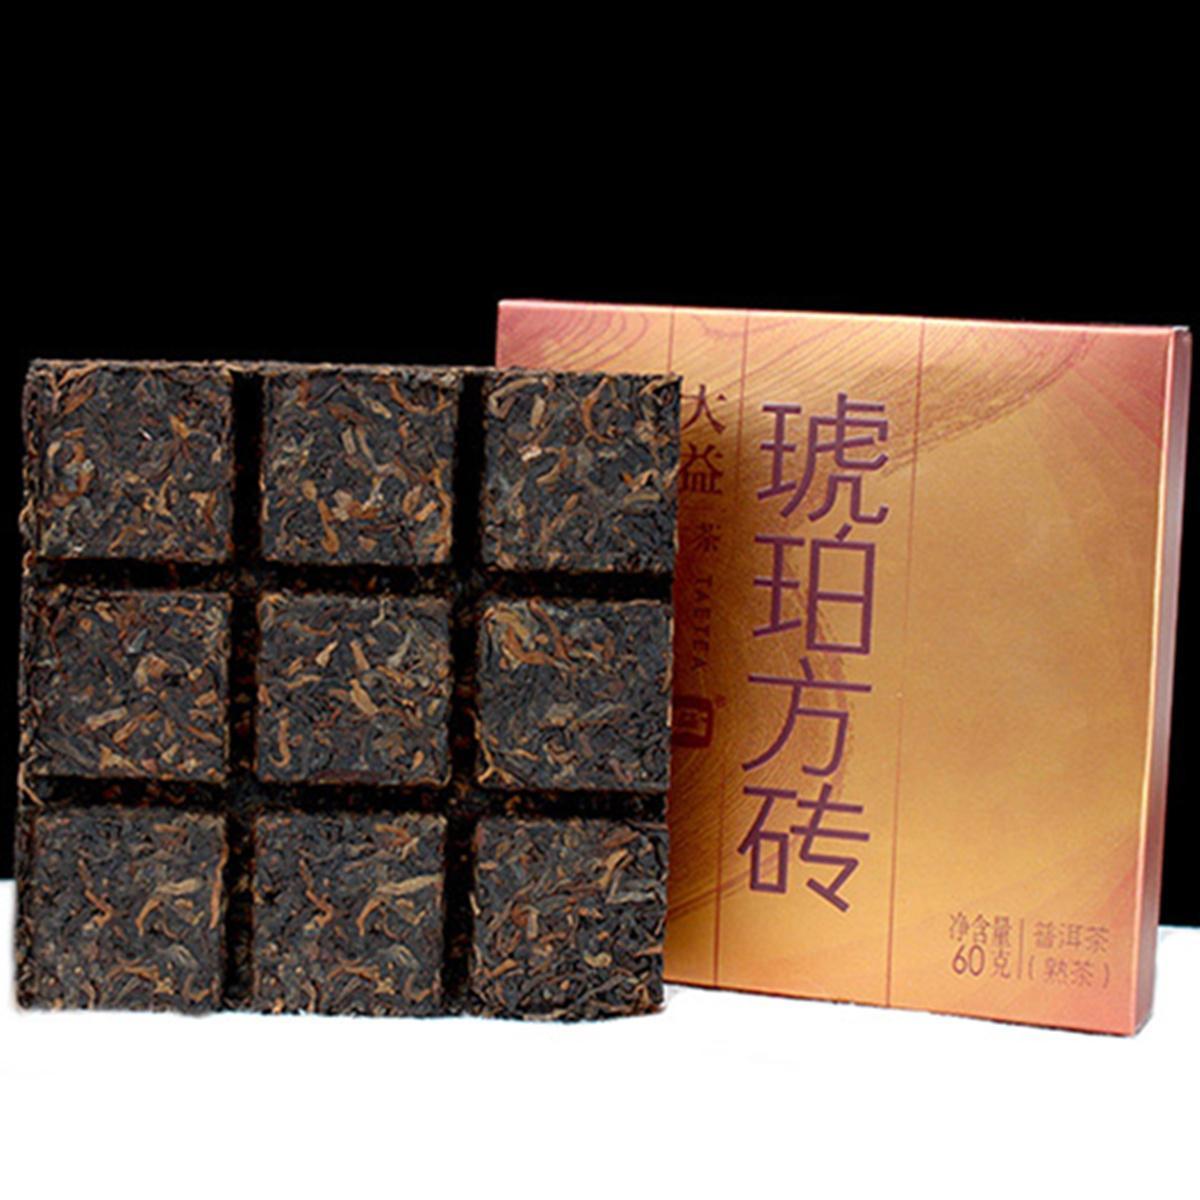 Горячие продаж 240G Зрелый пуэр чай Yunnan HUPO Amber пуэр чай Кирпич Organic Natural Pu'er старое дерево Приготовленный пуэр черный Пуэр чай